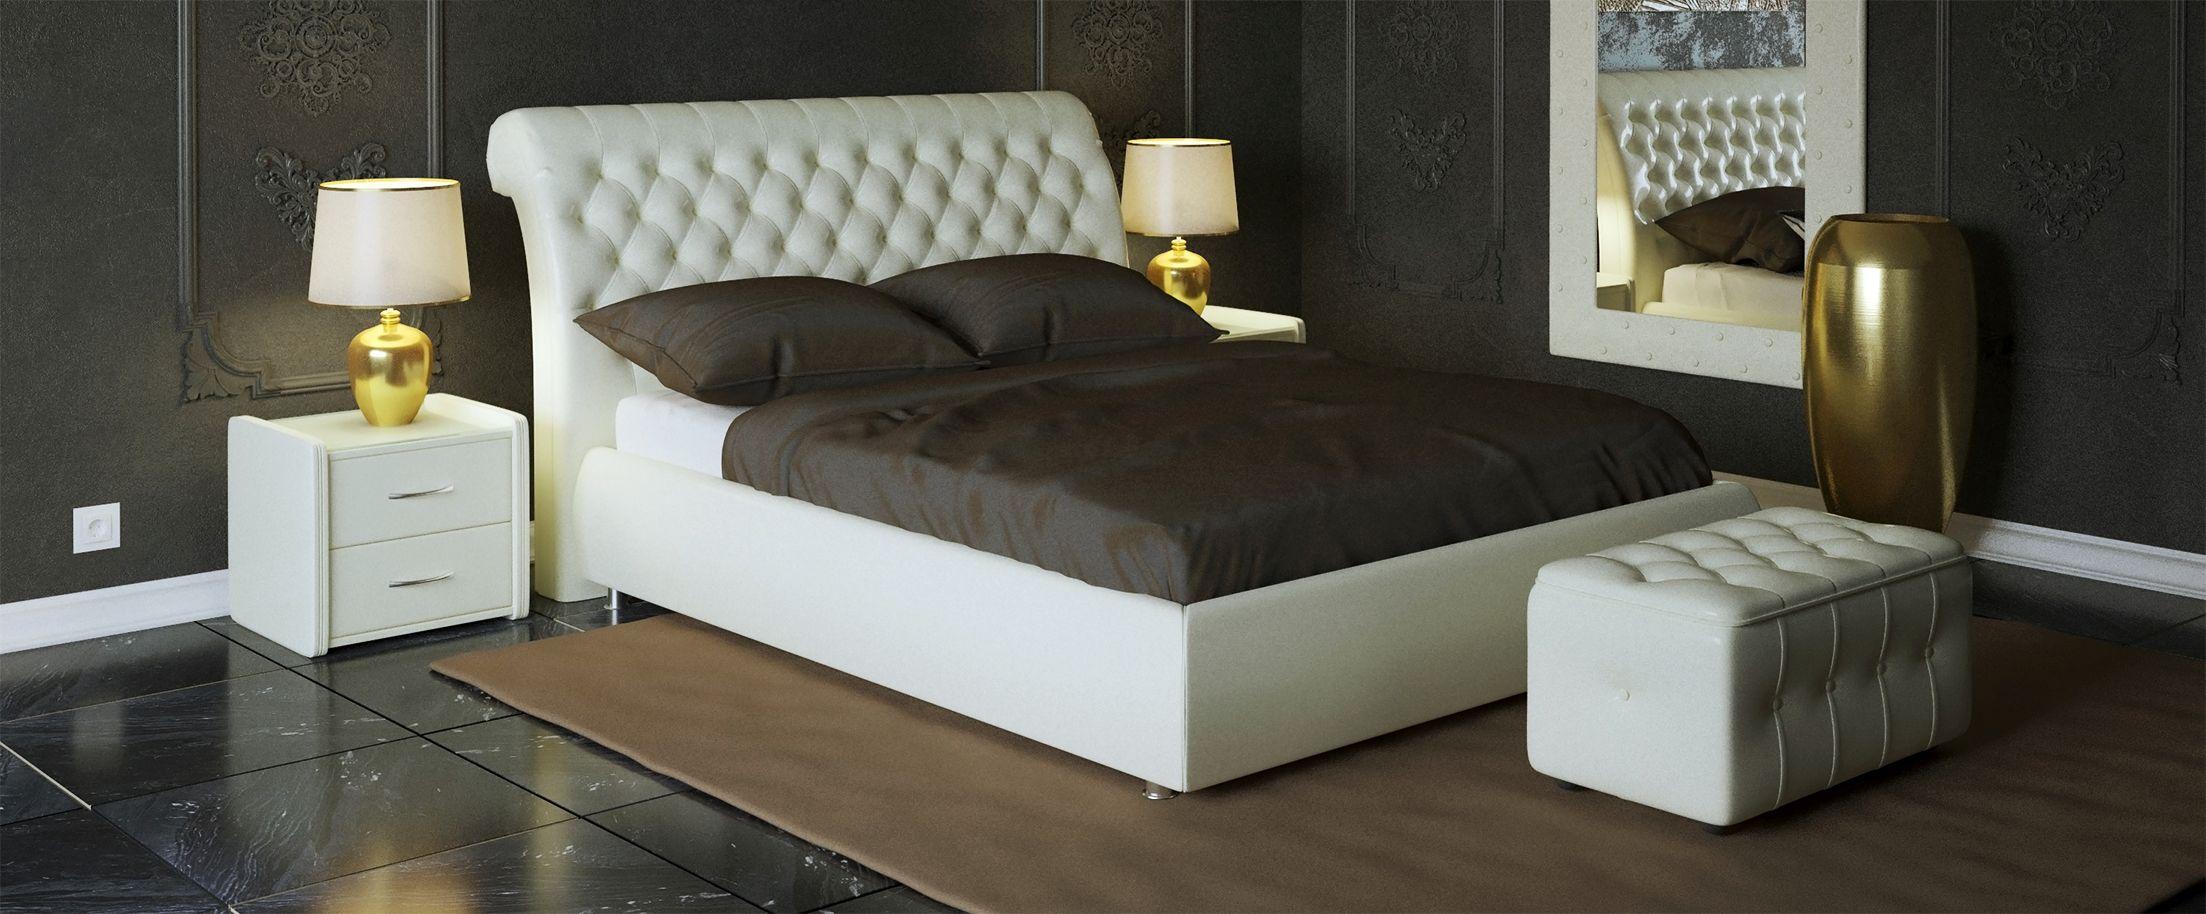 Кровать двуспальная Эрмитаж Модель 587Кровать «Эрмитаж» полностью соответствует своему названию, позволяя, как любоваться собой, являясь центром интерьера спальни, так и даруя удобства и ощущения прикосновения к прекрасному.<br><br>Ширина см: 165<br>Глубина см: 242<br>Высота см: 113<br>Ширина спального места см: 140<br>Глубина спального места см: 200<br>Подъемный механизм: Есть<br>Материал каркаса: ДСП<br>Материал обивки: Экокожа<br>Цвет: Белый<br>Код ткани: Марципан